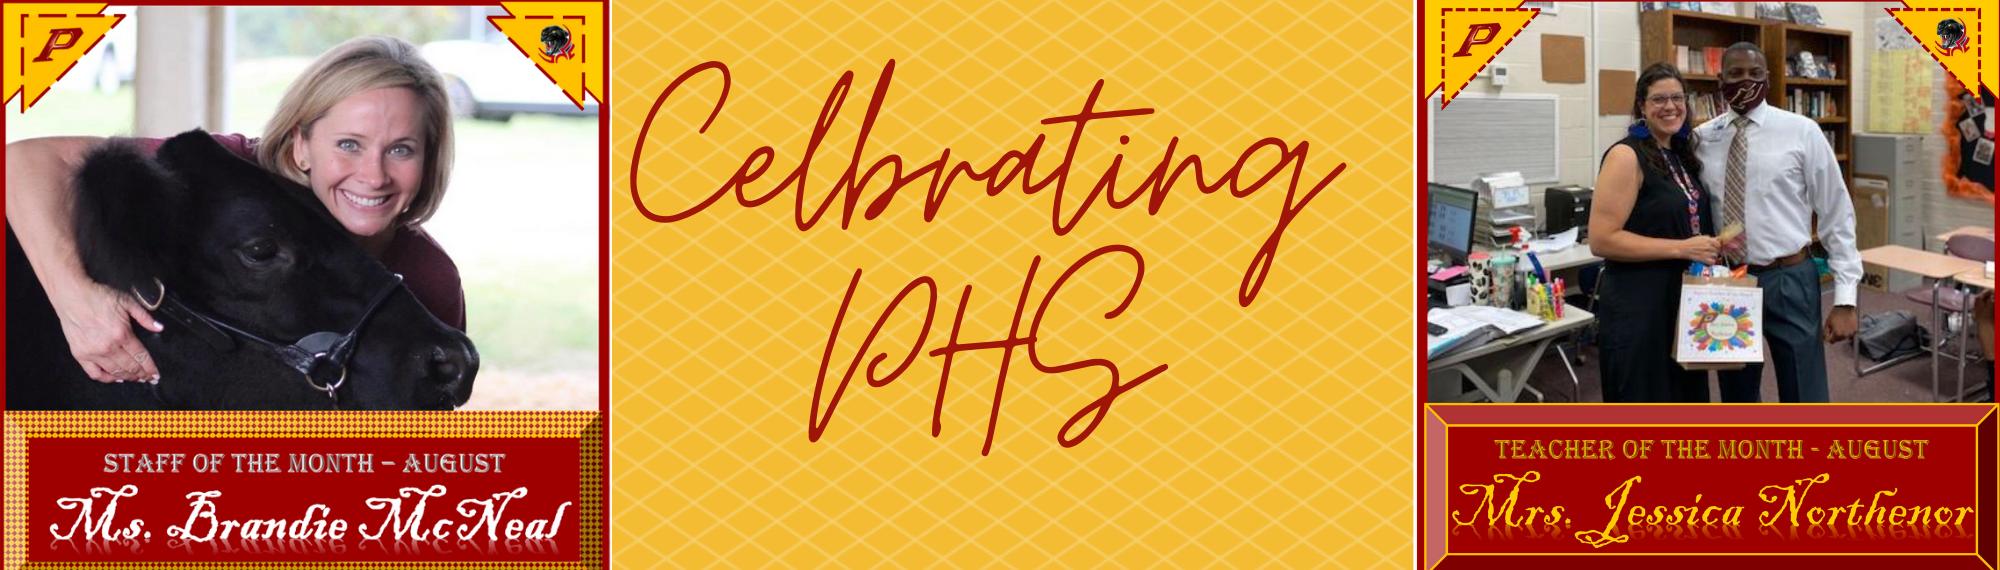 Celebrating PHS